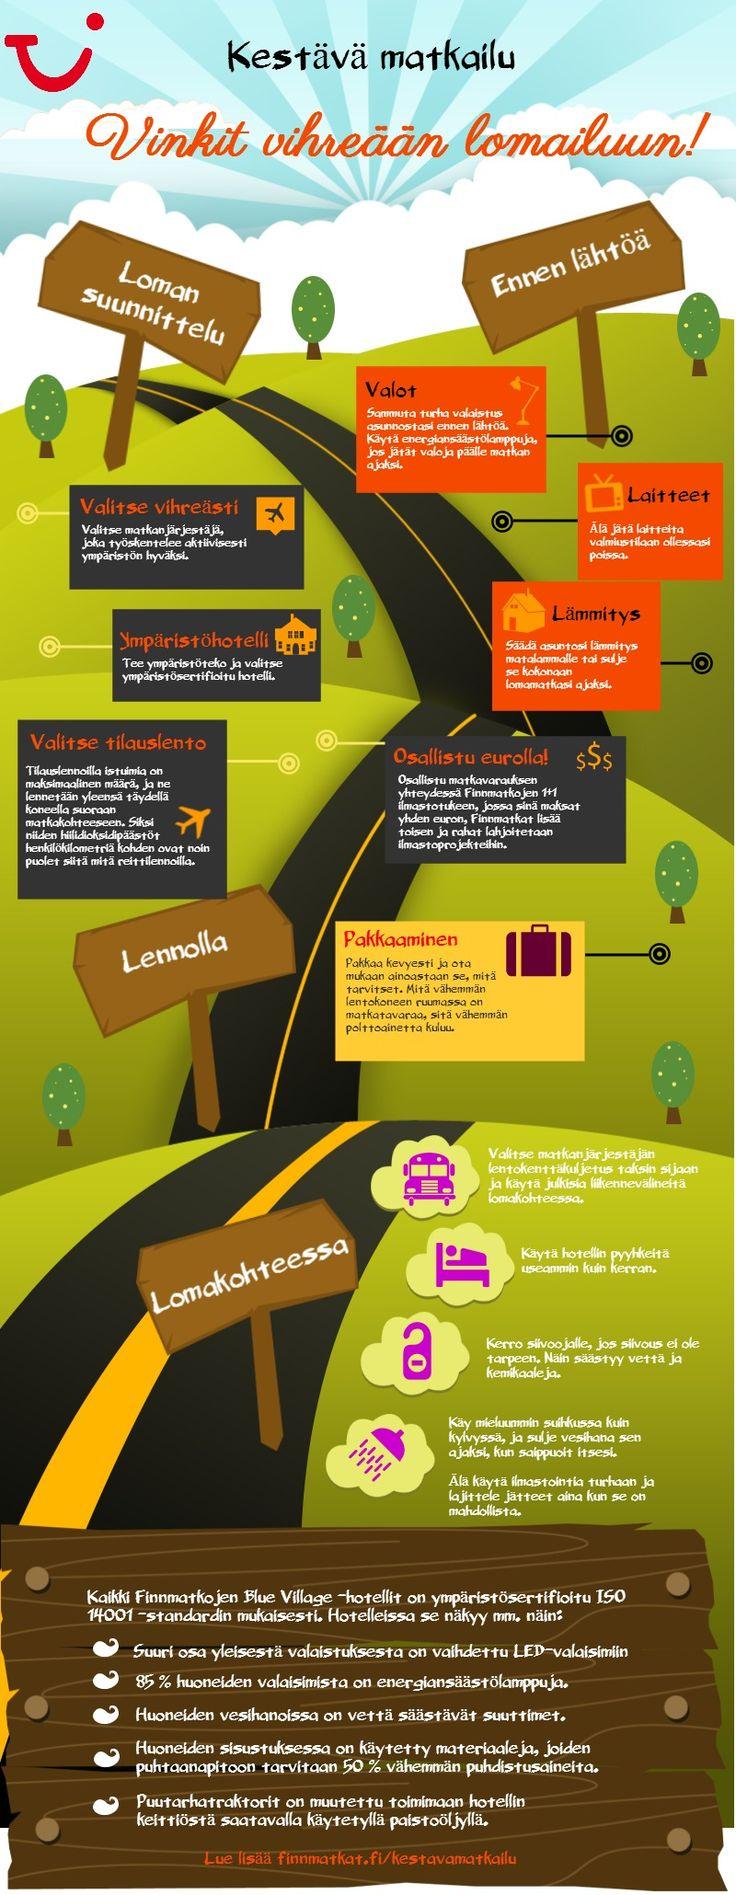 Auta ympäristöä pienillä teoilla ennen lomaa ja loman aikana. http://www.finnmatkat.fi/Tietoa-Finnmatkoista/Kestava-matkailu/ #Finnmatkat